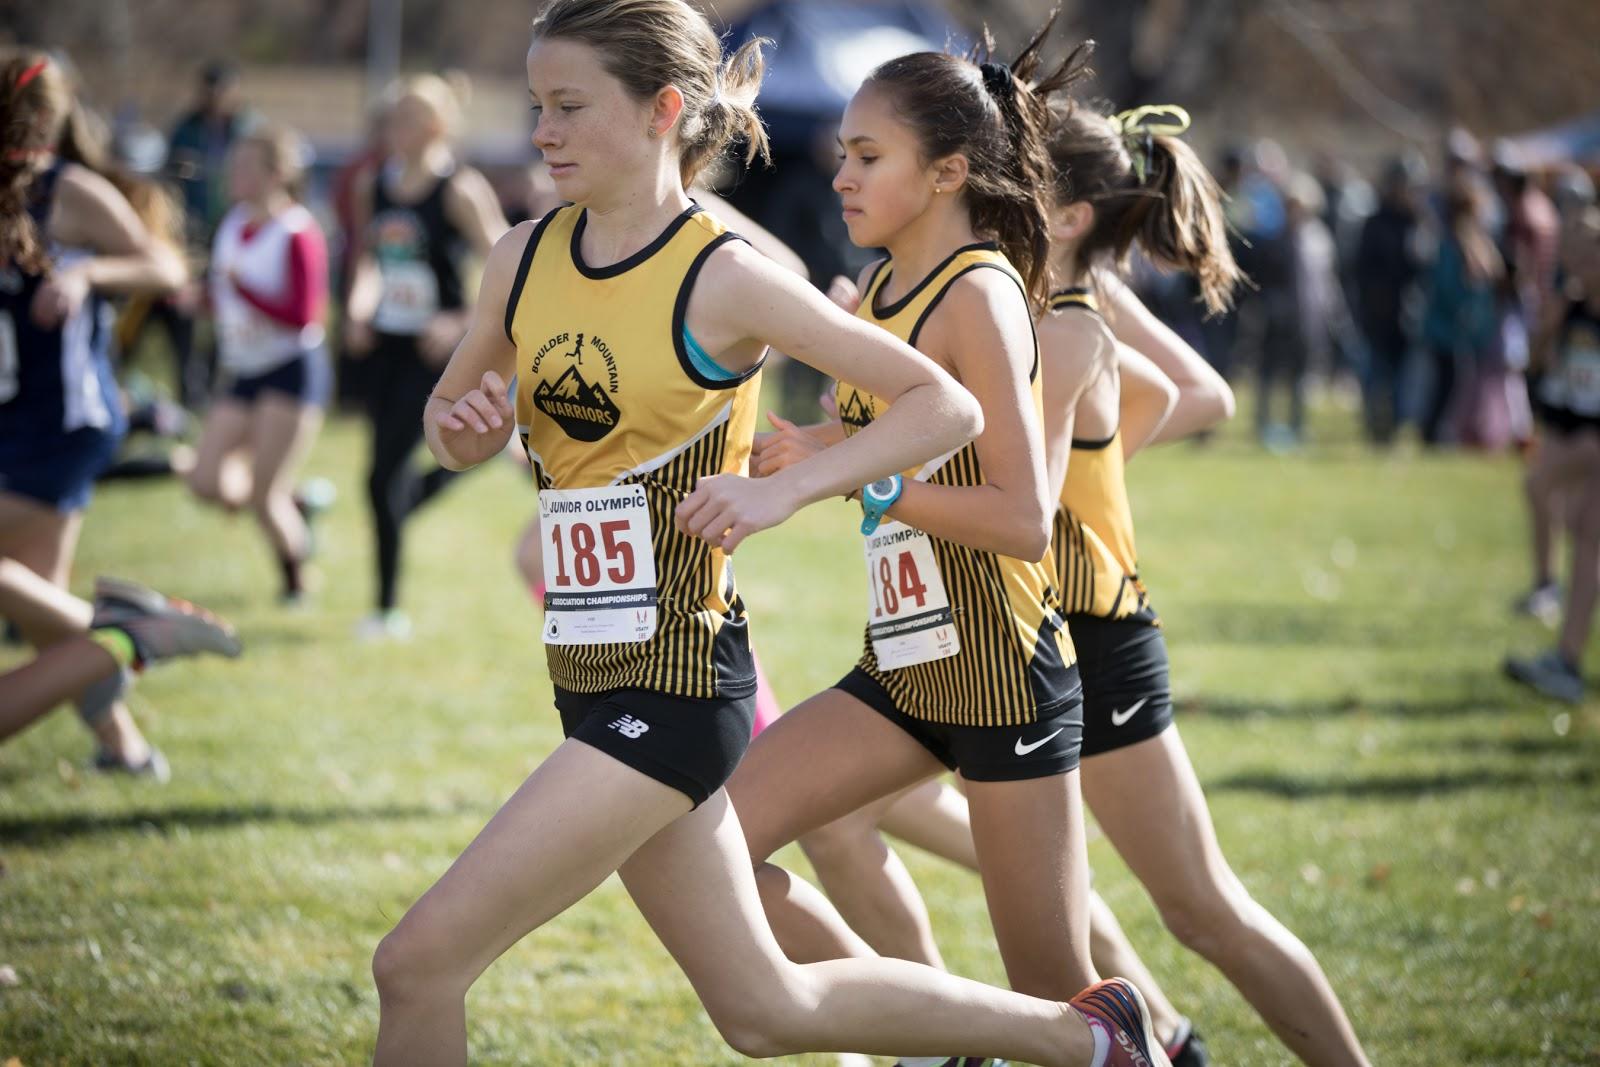 Girls Running - The Book - Melody Fairchild